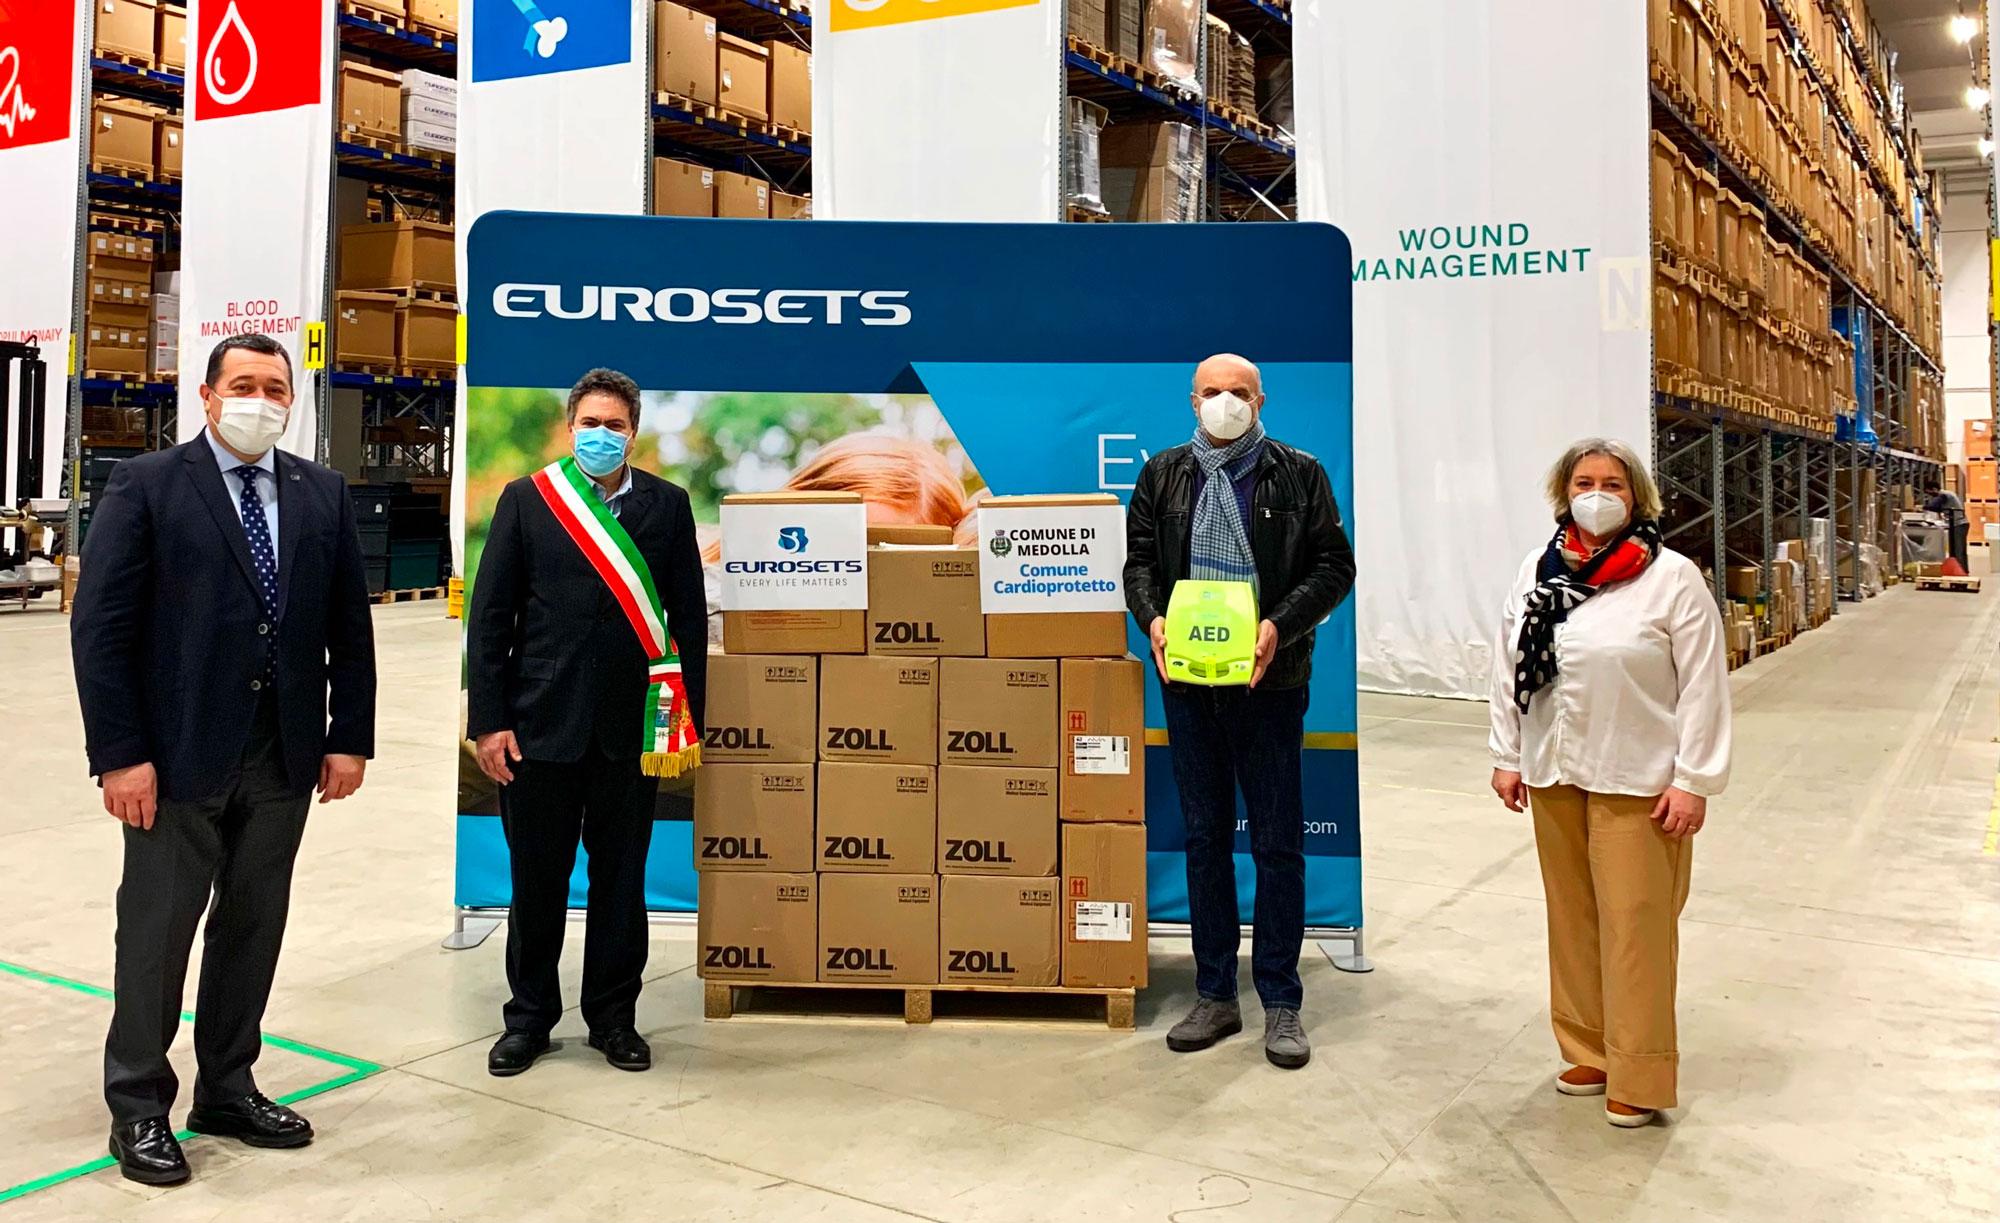 Eurosets dona 10 defibrillatori al comune di Medolla